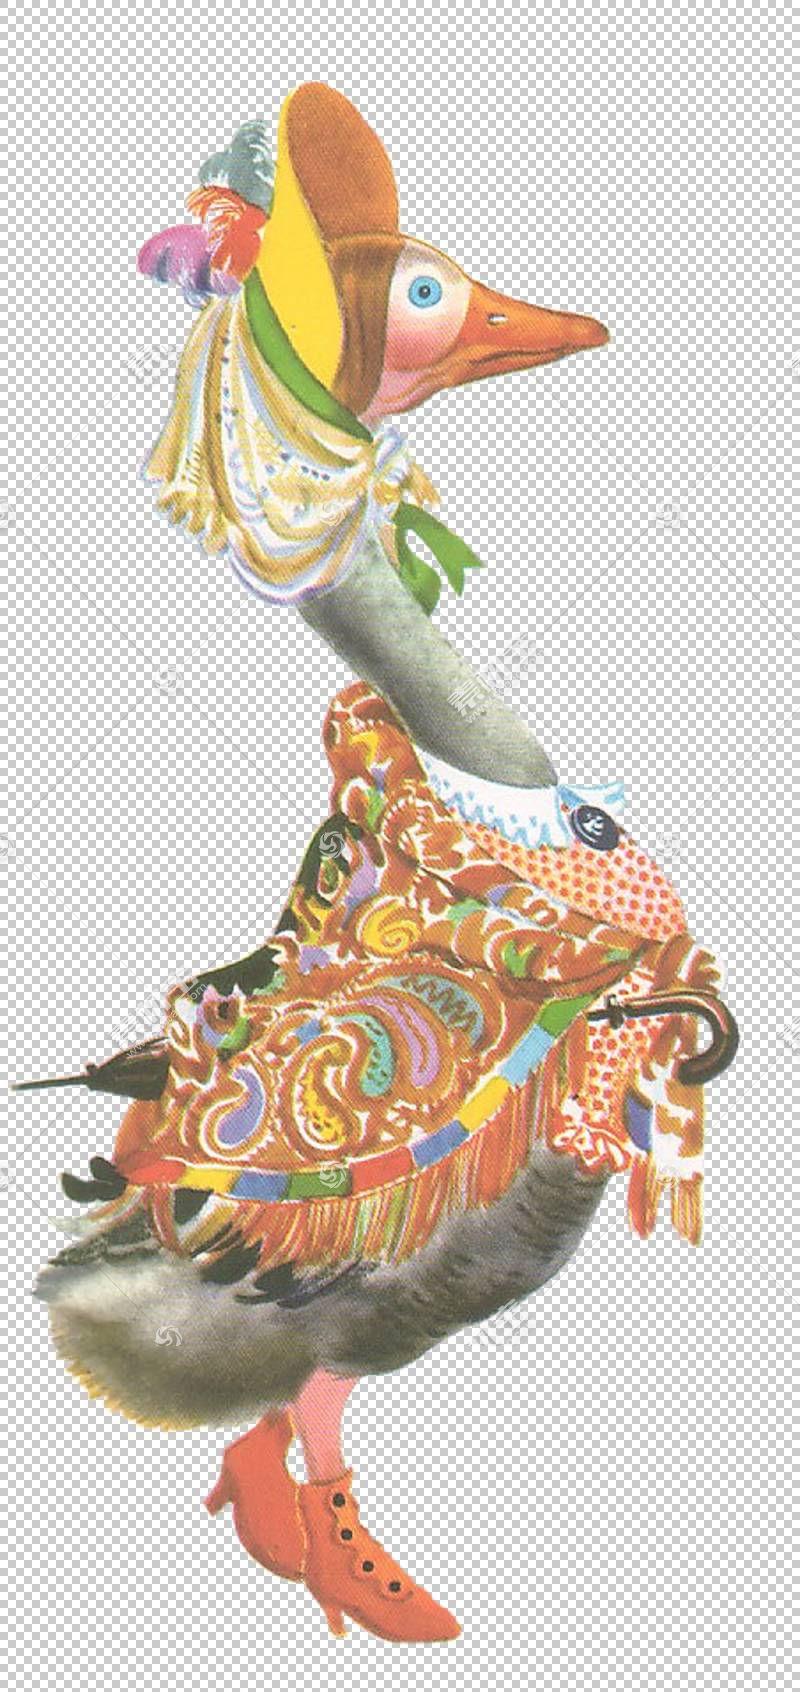 水鸟鹅Cygnini鸭子,鹅PNG剪贴画动物,鸟,cygnini,雁鸭科,有机体,